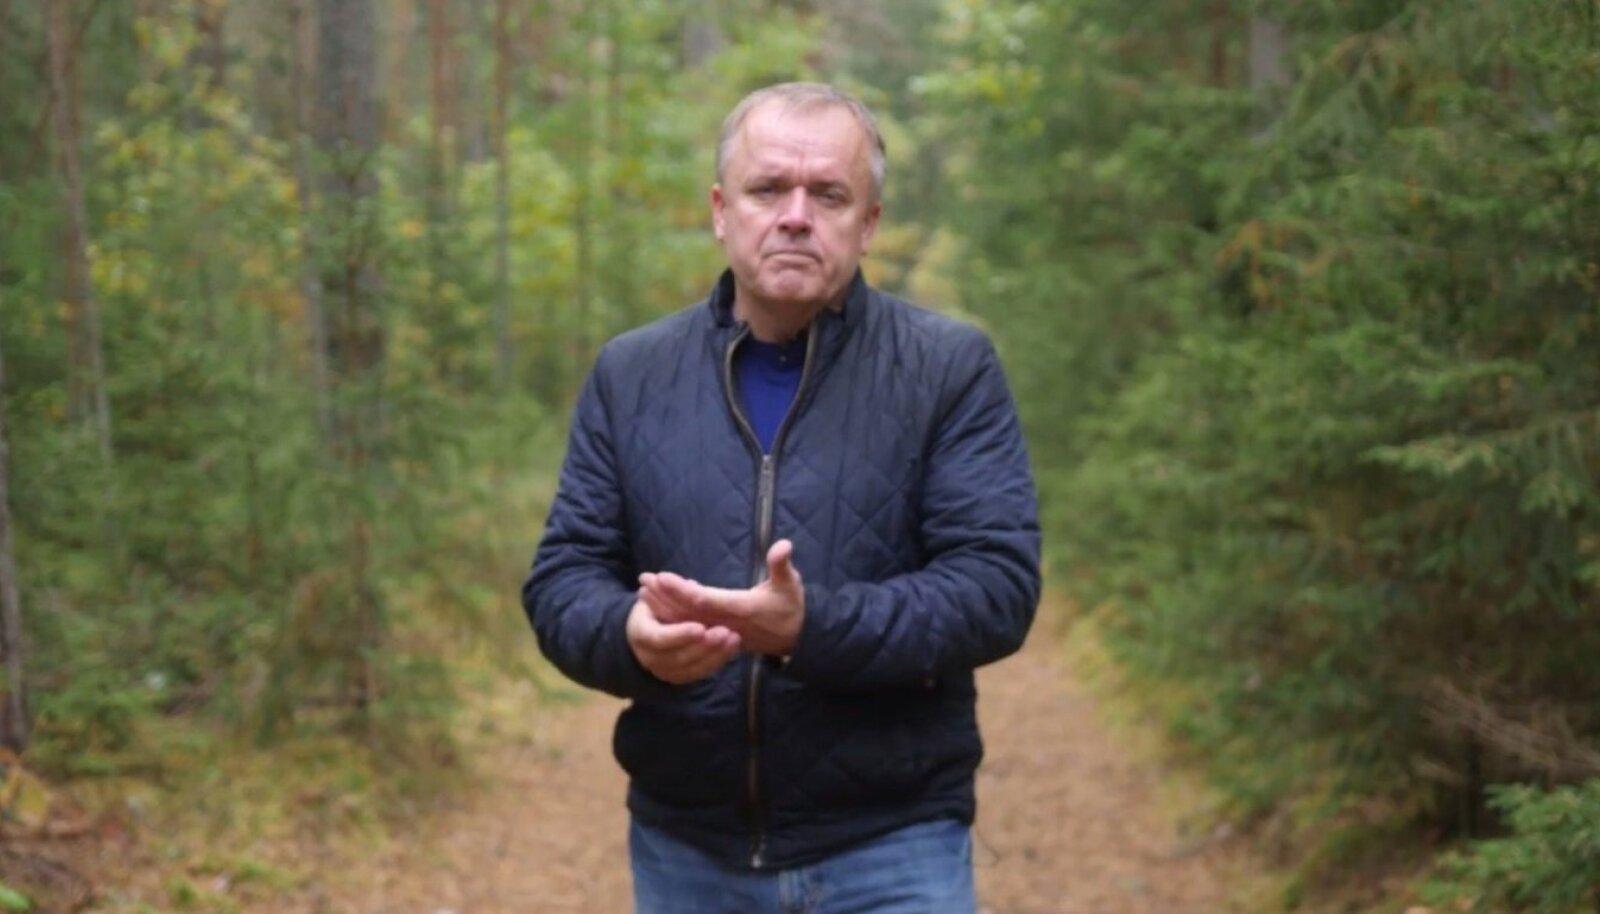 Allan Muuk Eesti Metsameistri tasutud videoklipis. (kuvatõmmis)